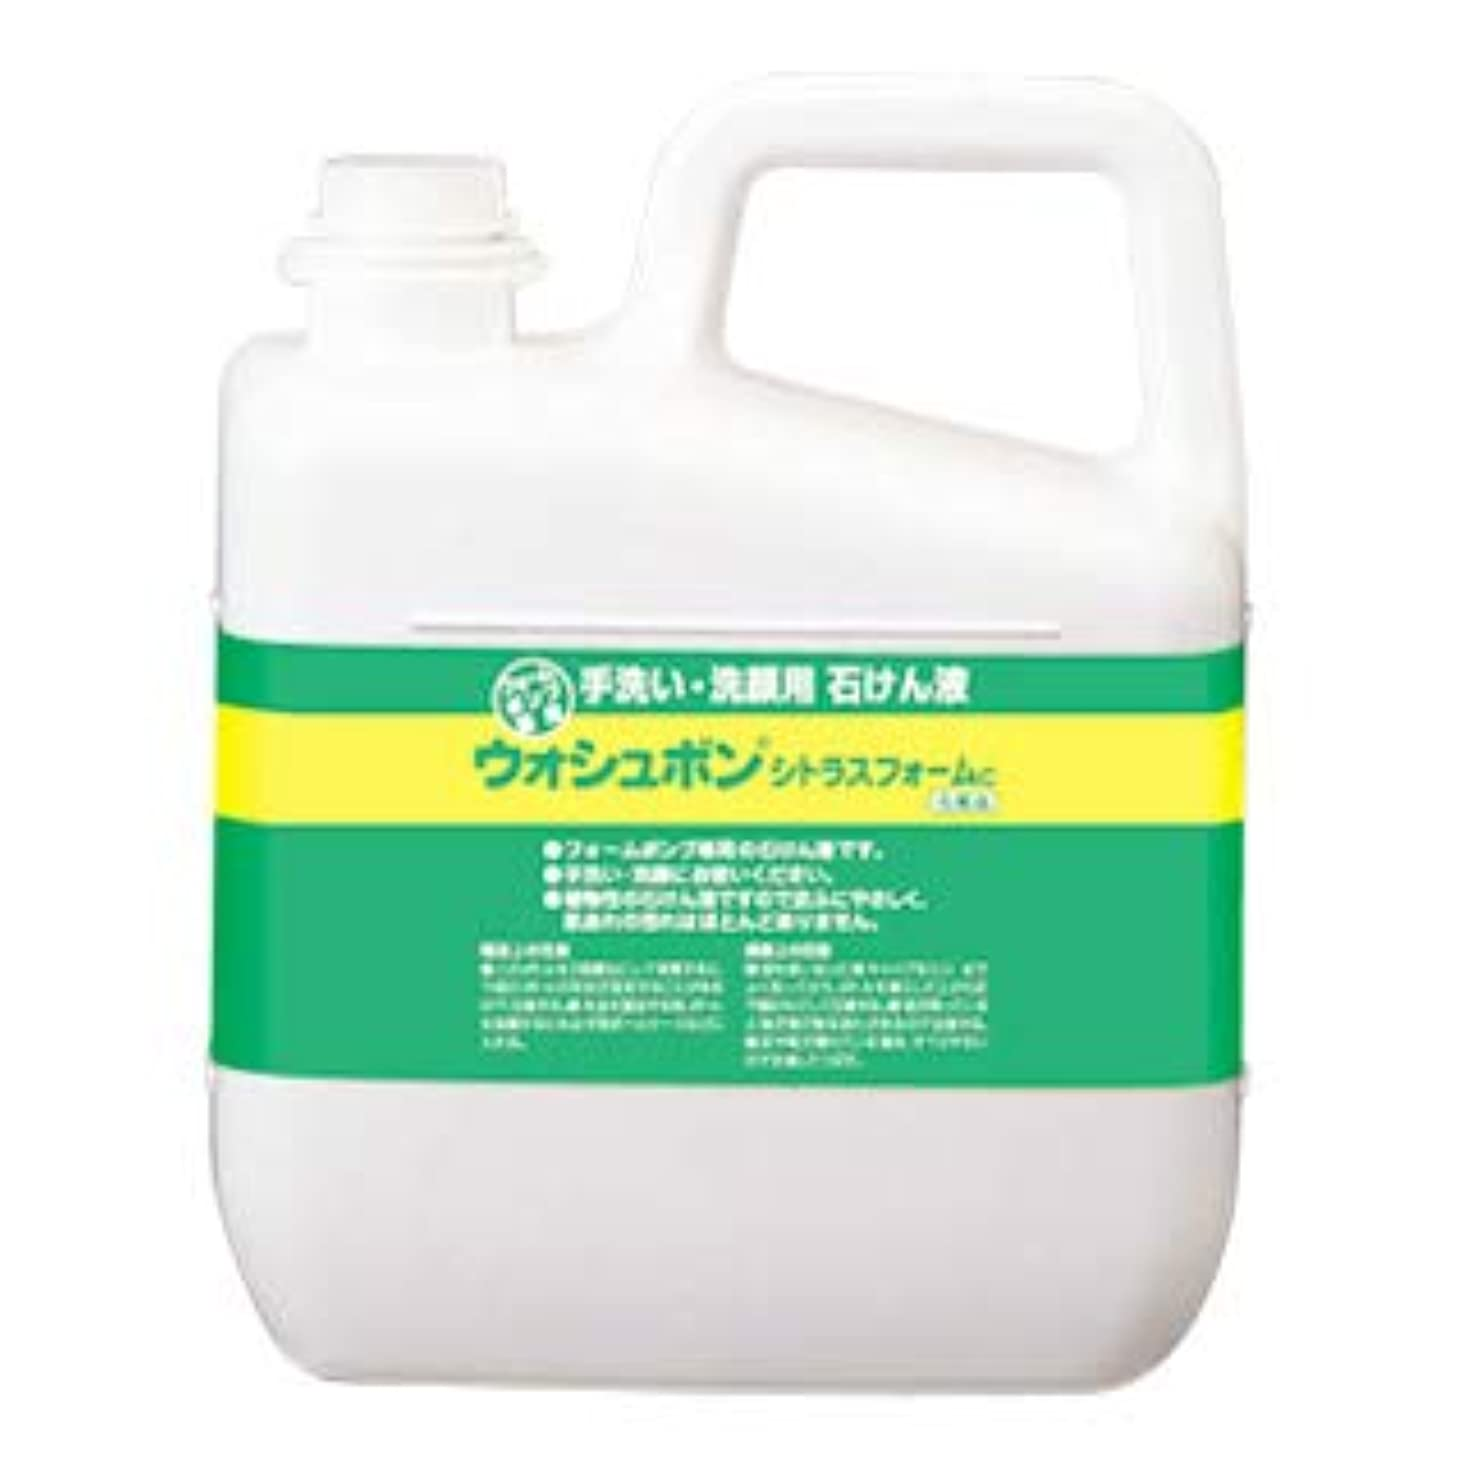 ハッピーカメ教授サラヤ ウォシュボン 手洗い用石けん液 ウォシュボンシトラスフォームC 5kg